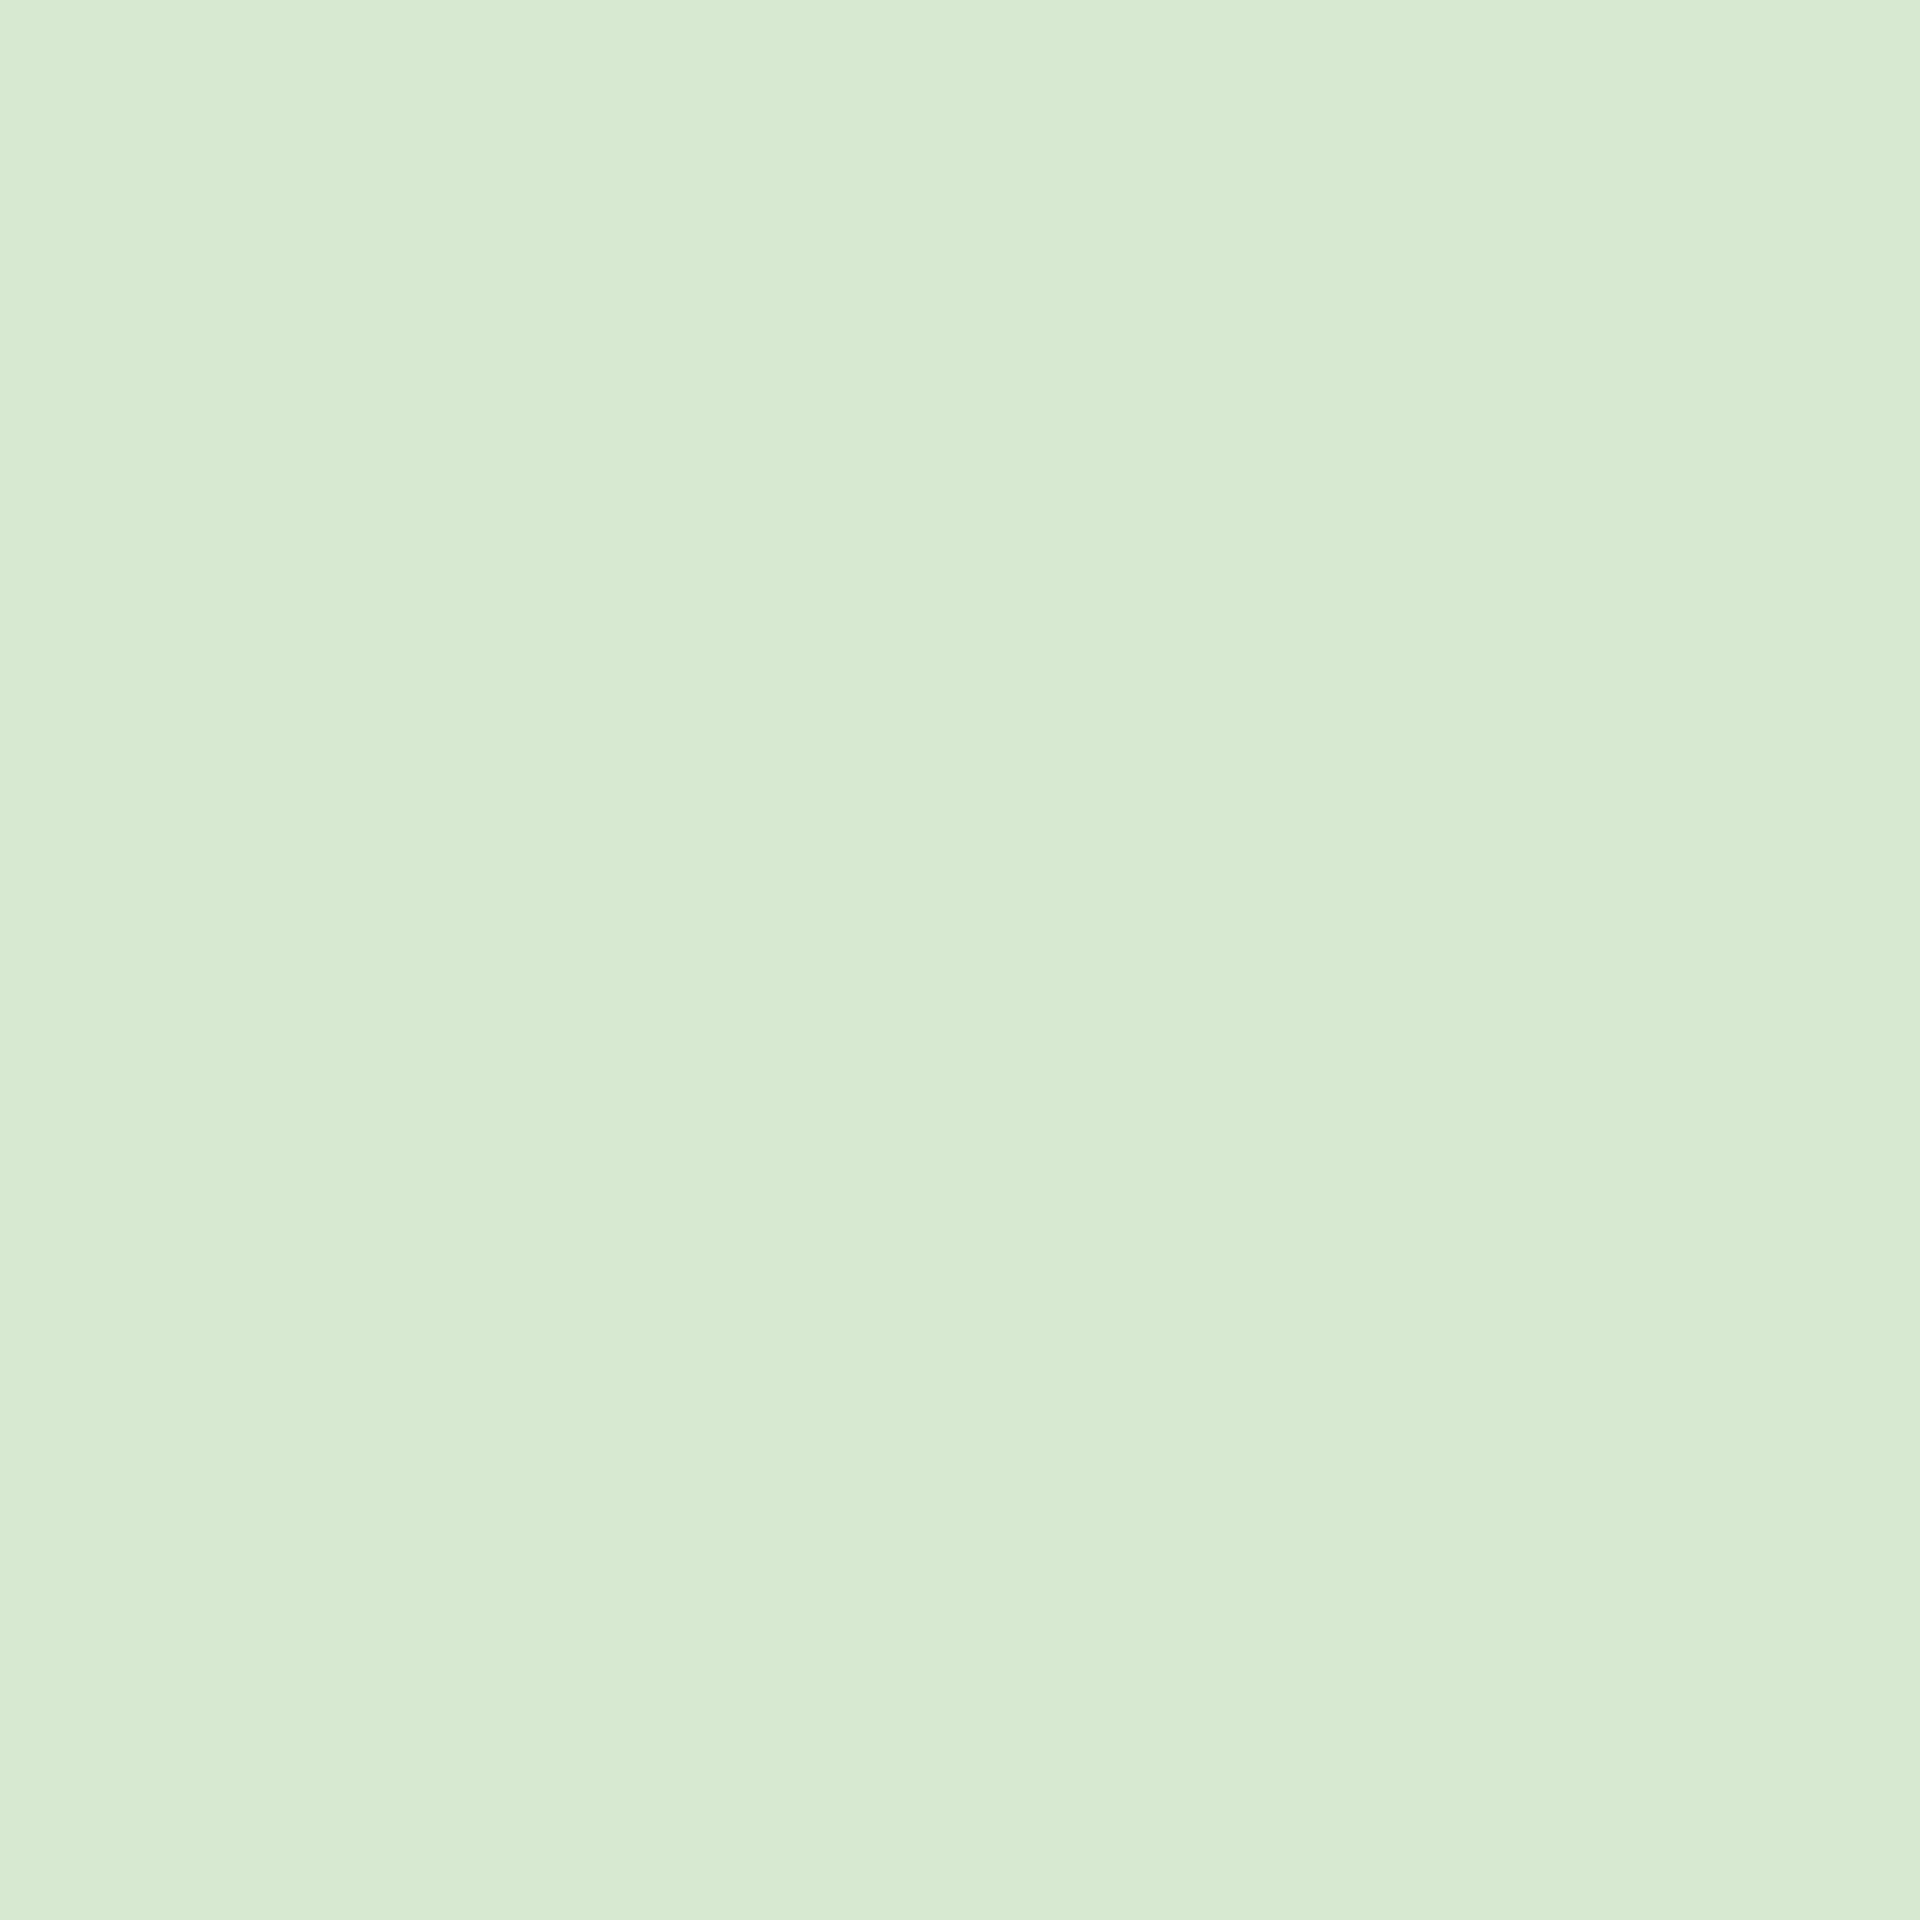 青葉市子の活動10周年記念!初期アルバム『剃刀乙女』と『檻髪』のアナログ版が本日発売 music201223_ichiko-aoba_2-1920x1920